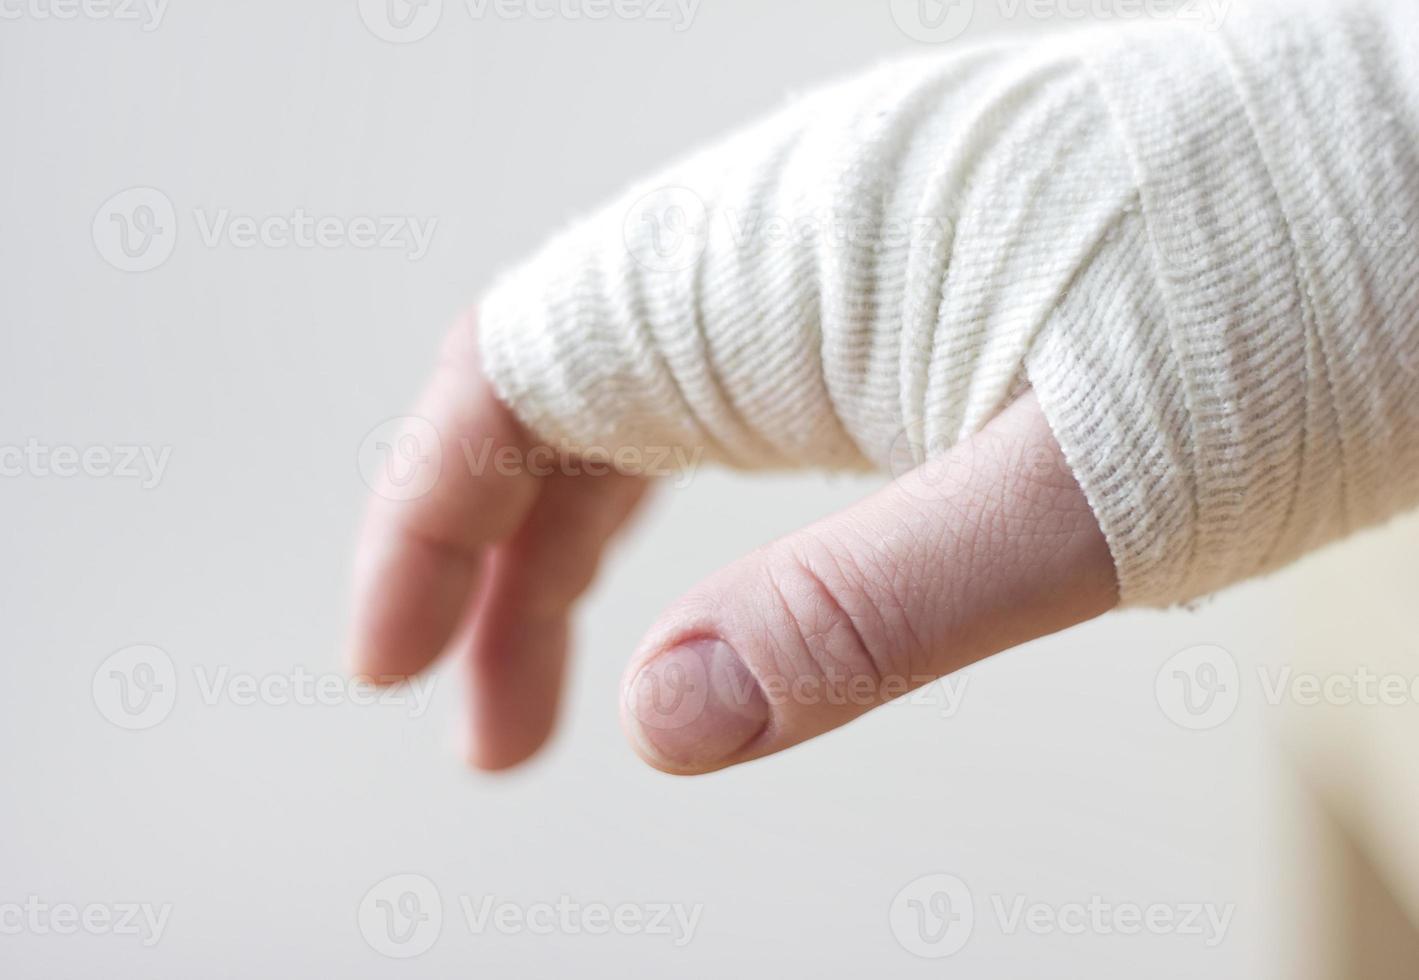 verbonden hand foto